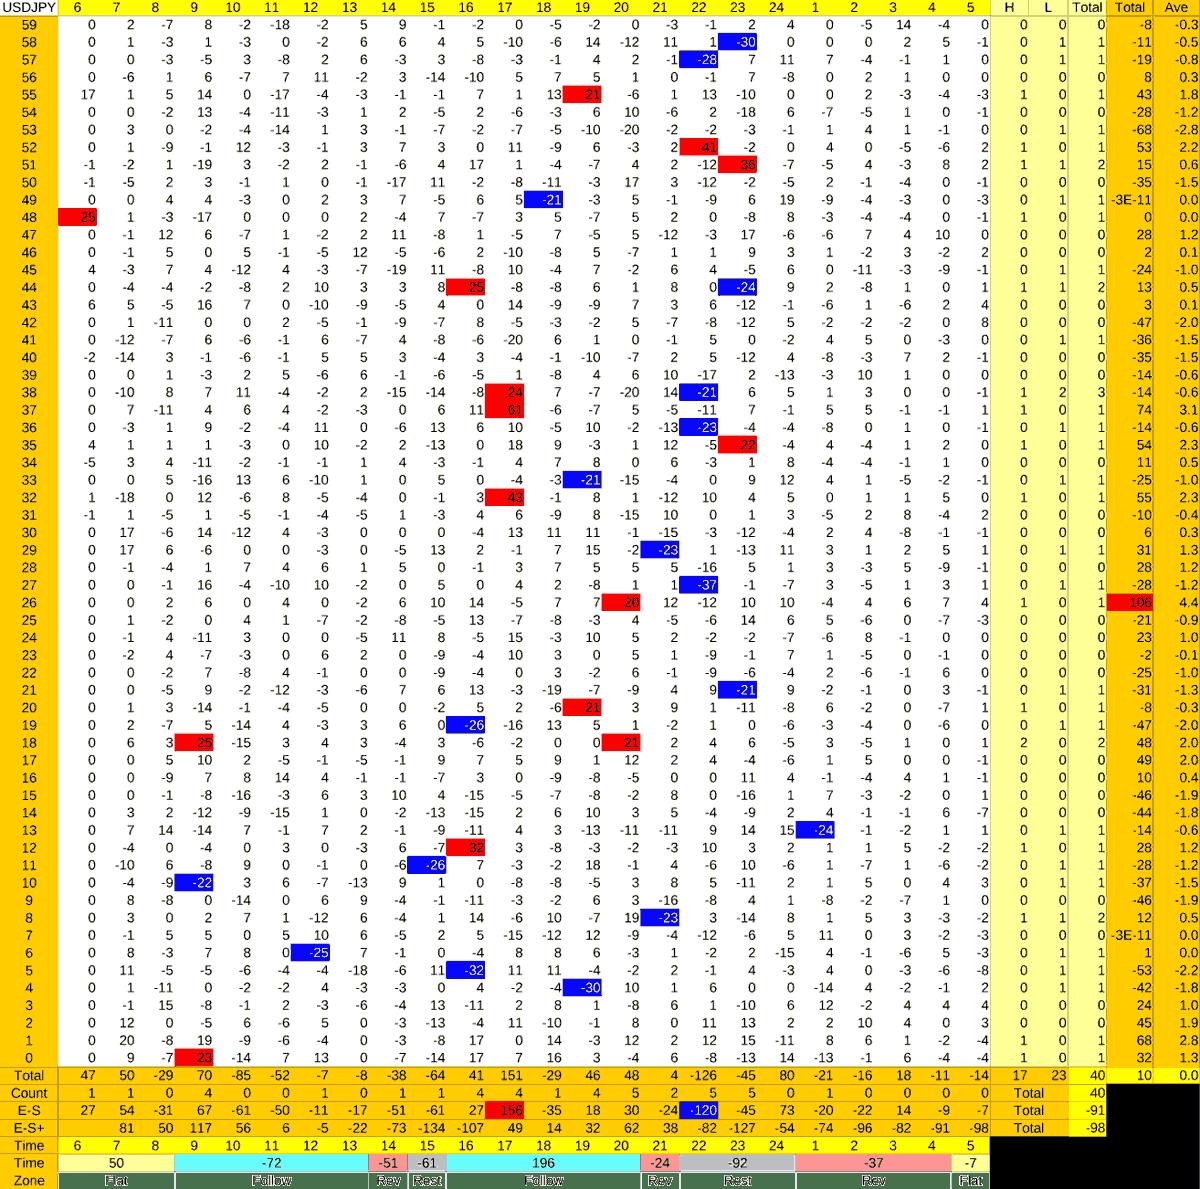 20210524_HS(1)USDJPY